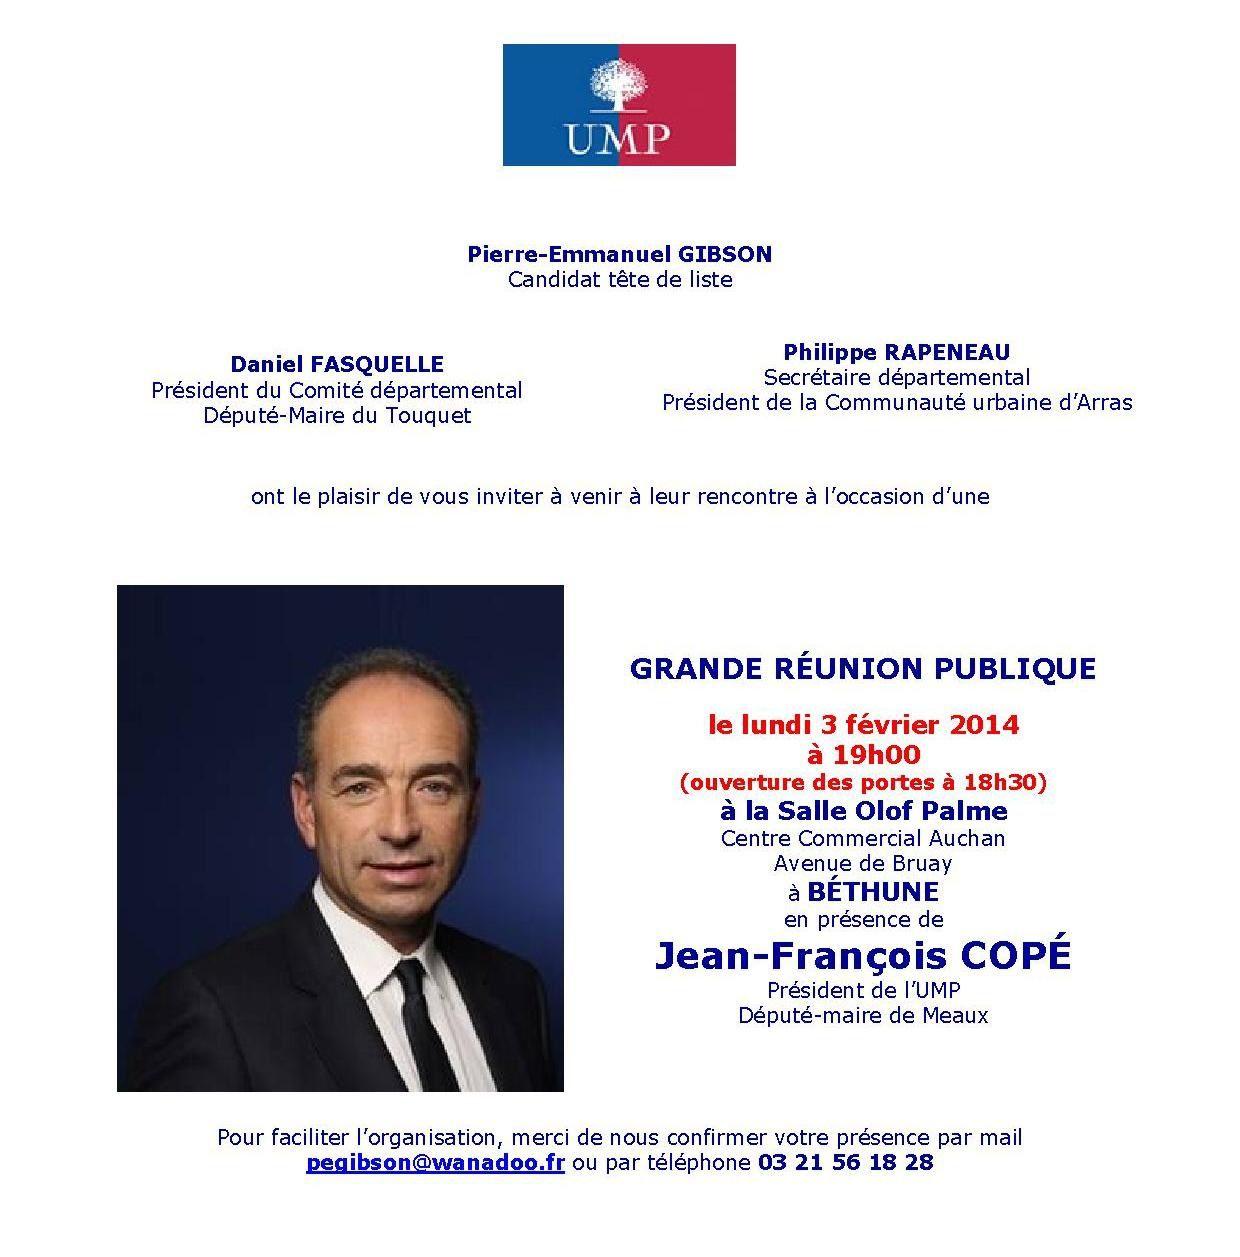 Retour sur déplacement de Jean-François Copé à Lens et Béthune le 3 février 2014